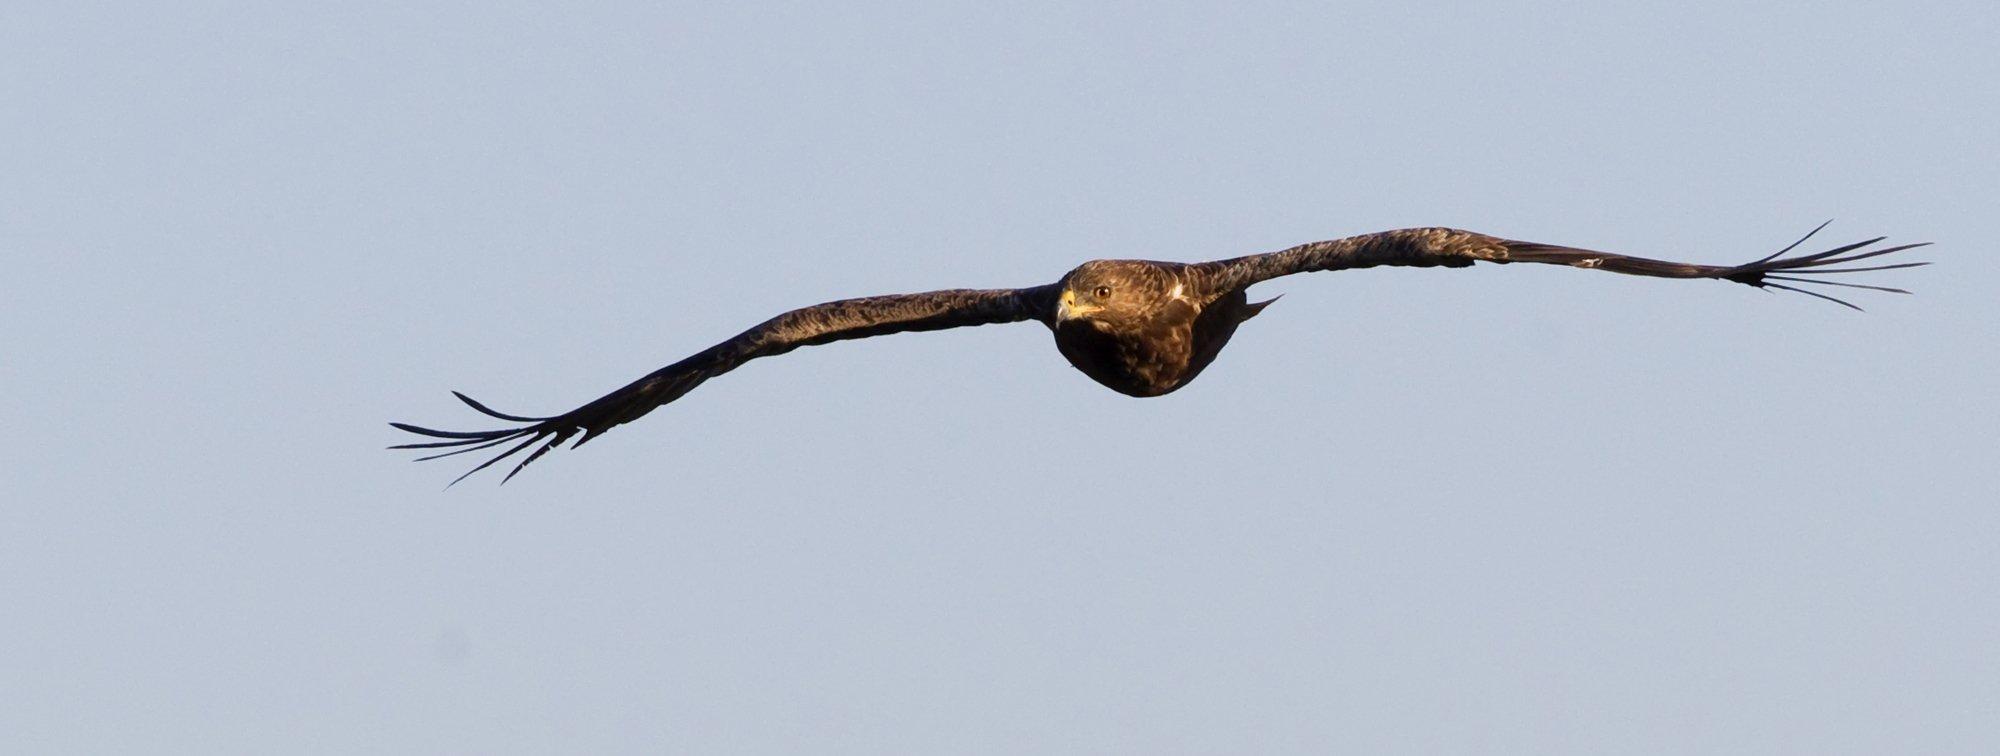 Ein Schreiadler fliegt frontal auf den Fotografen zu